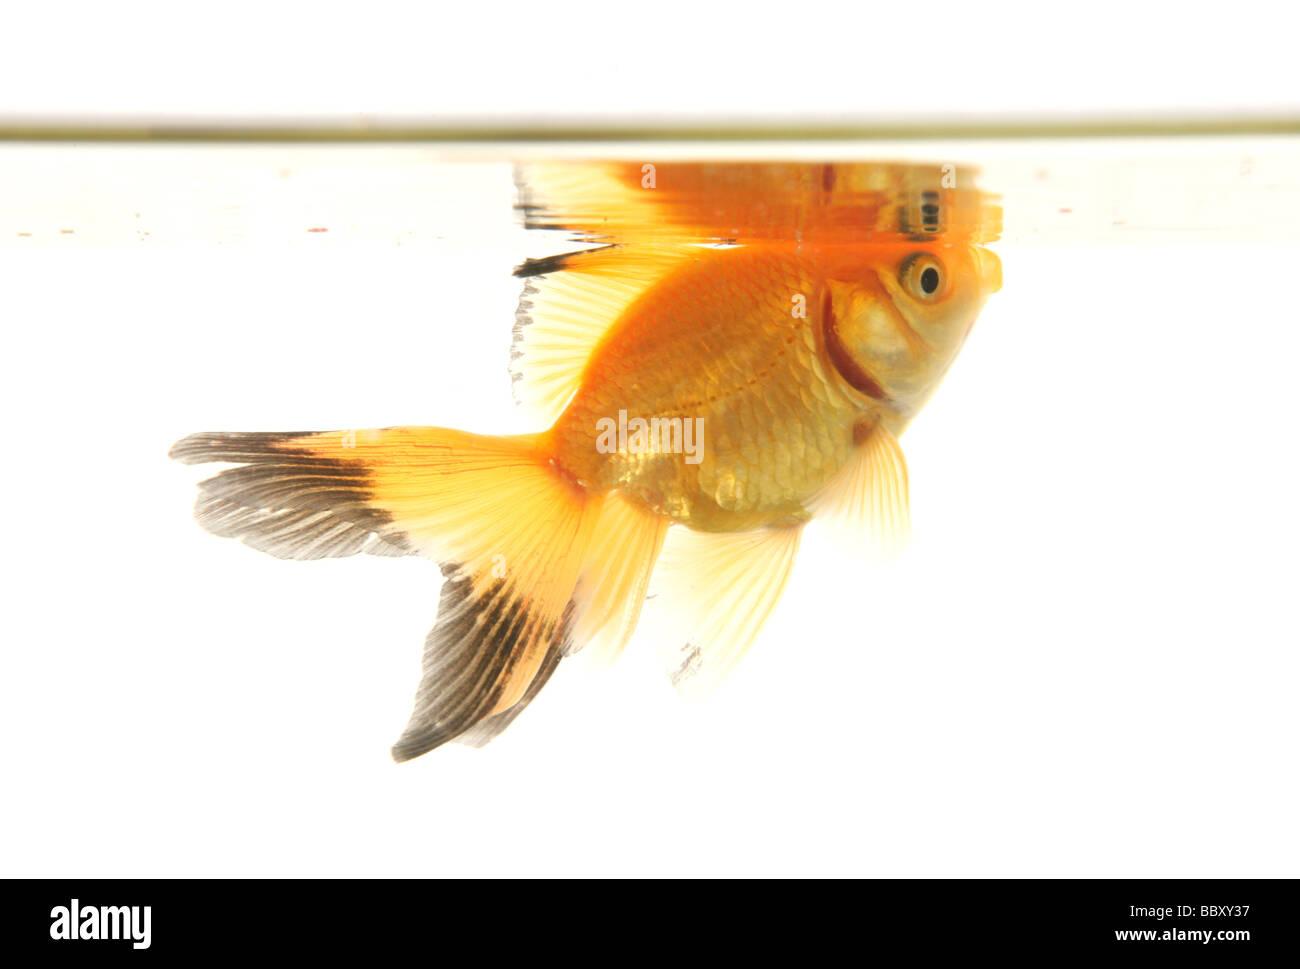 Découpe de poissons rouges fantail studio portrait Photo Stock